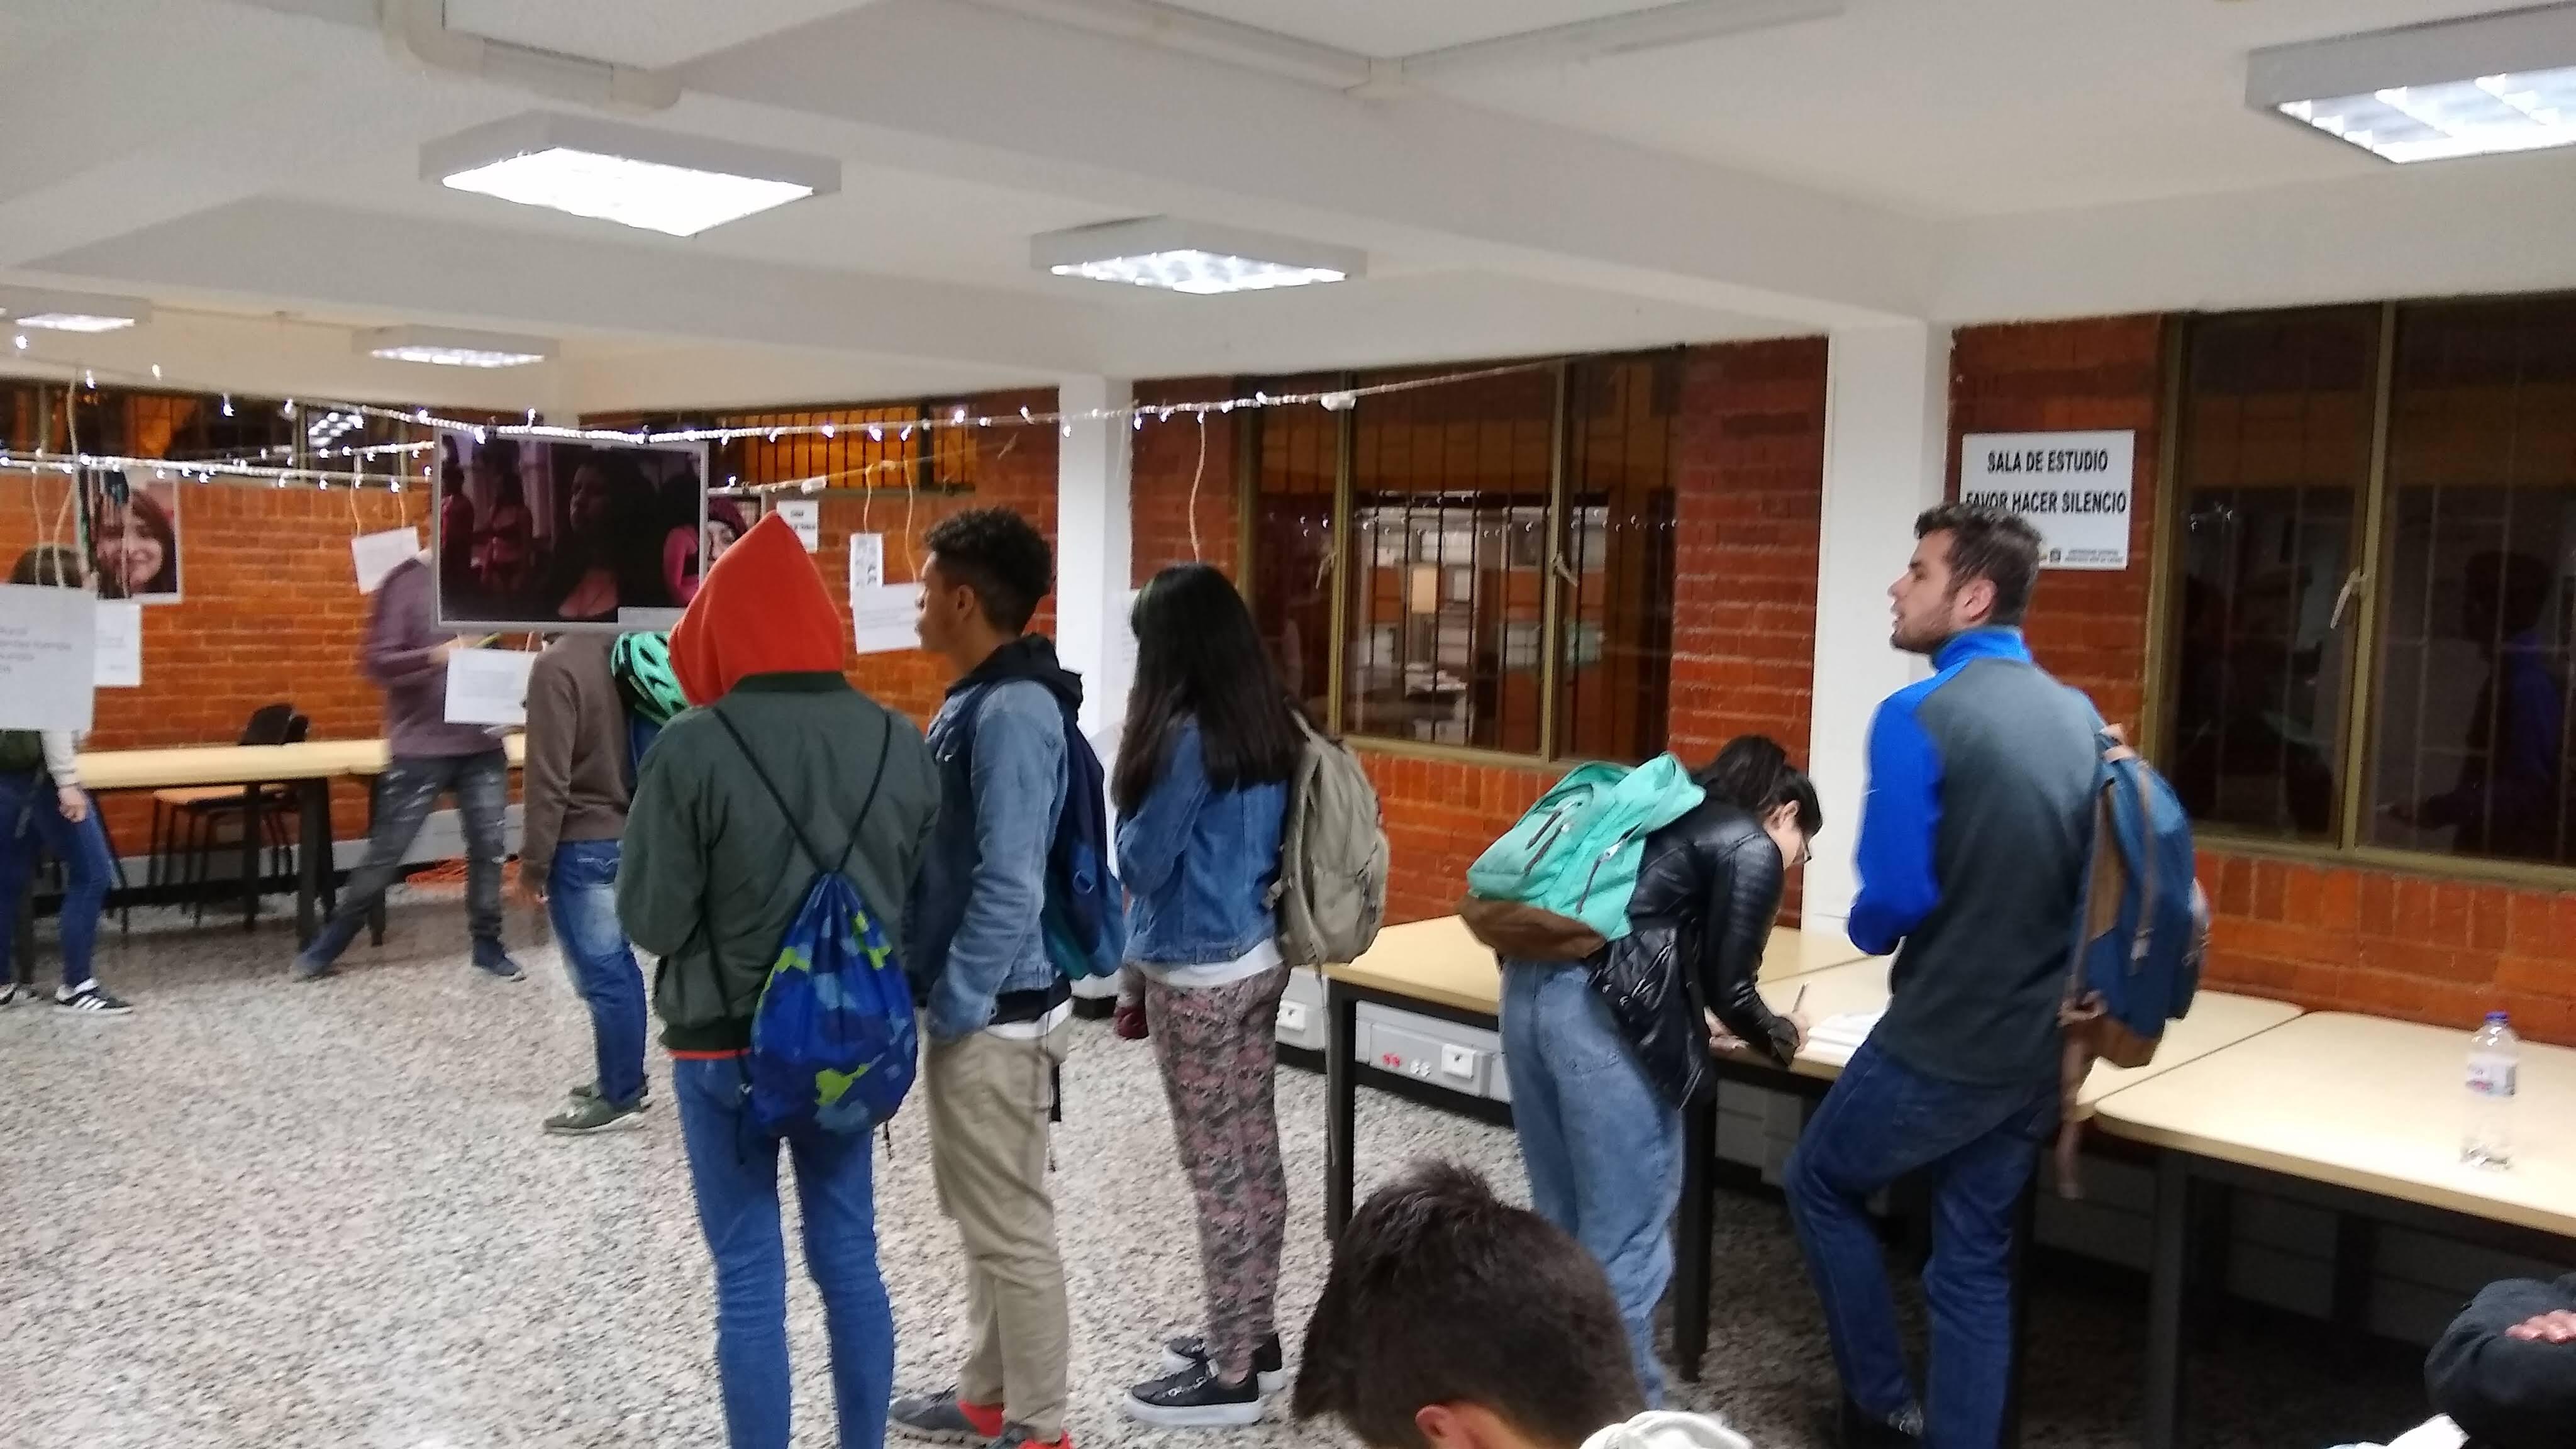 Estudiantes observando las fotografías que están colgadas y realizando la votación de la mejor foto.